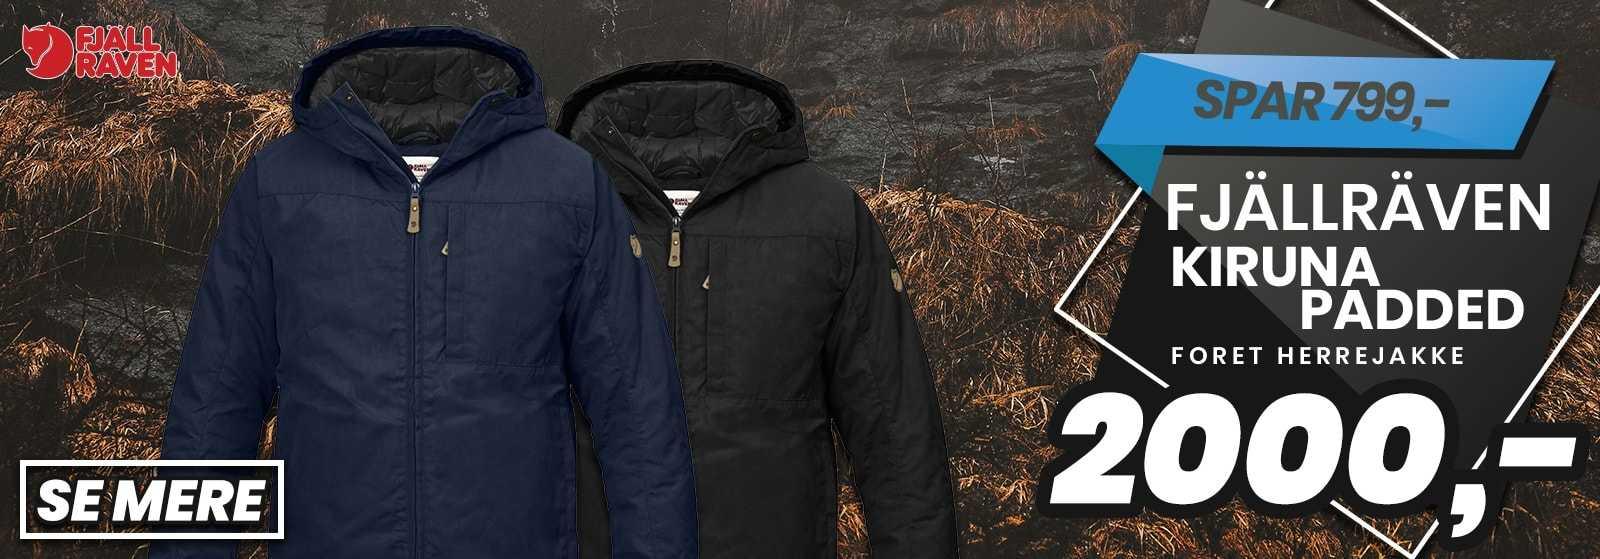 FJÄLLRÄVEN KIRUNA PADDET JACKET - Gode vintertilbud hos Outdoorxperten.dk